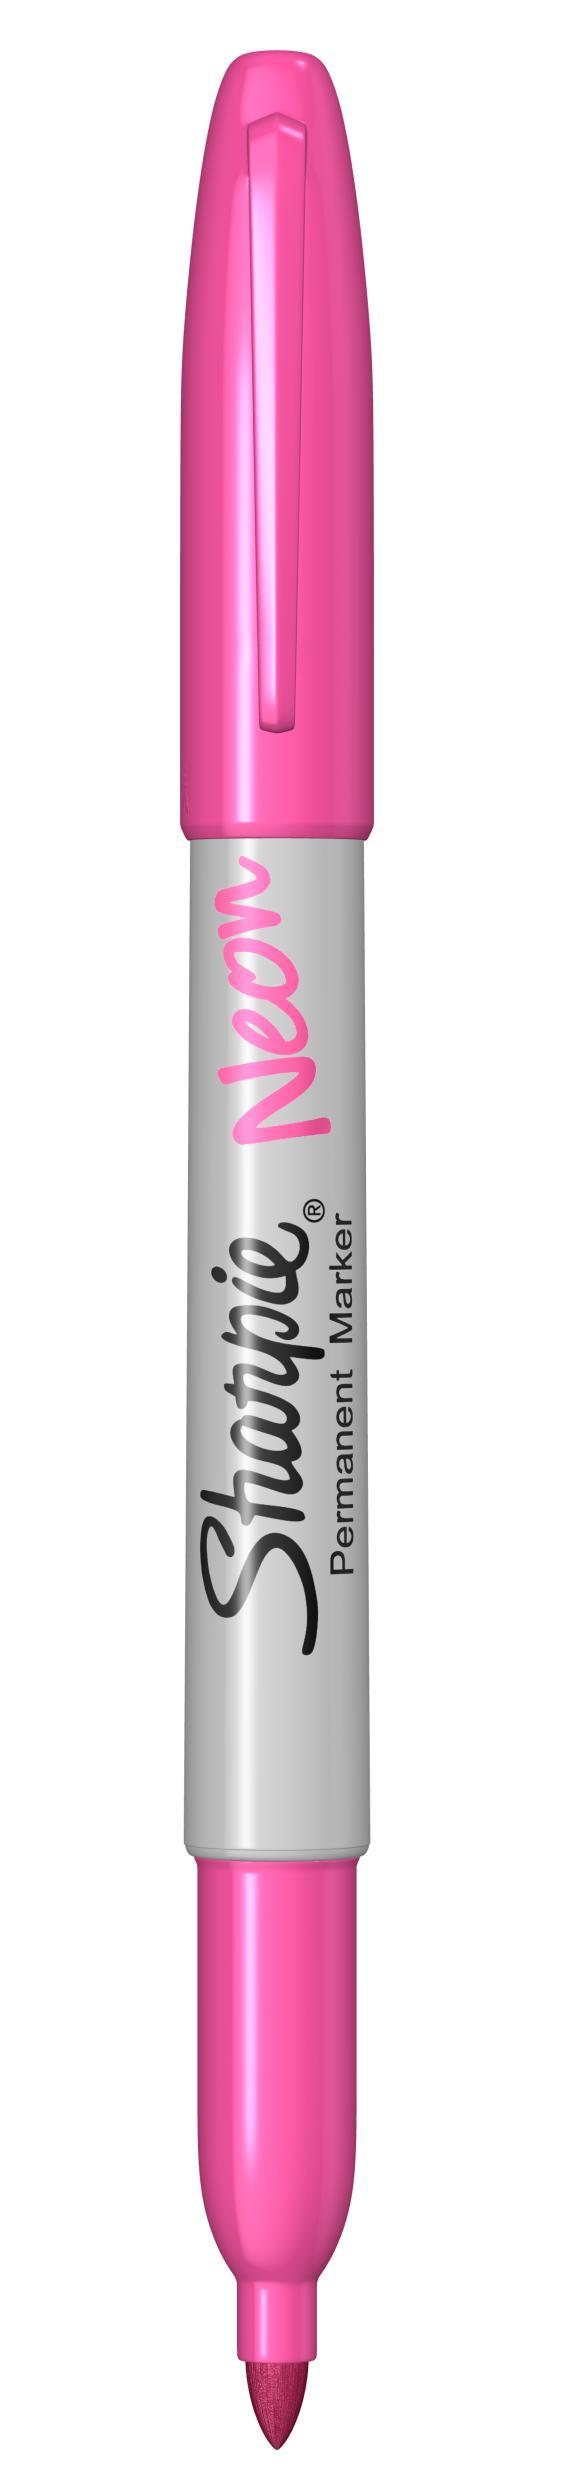 Sharpie 1888992 - Pink - Rundspitze - Pink - Weiß - Polycarbonat - Fein - 1,4 mm